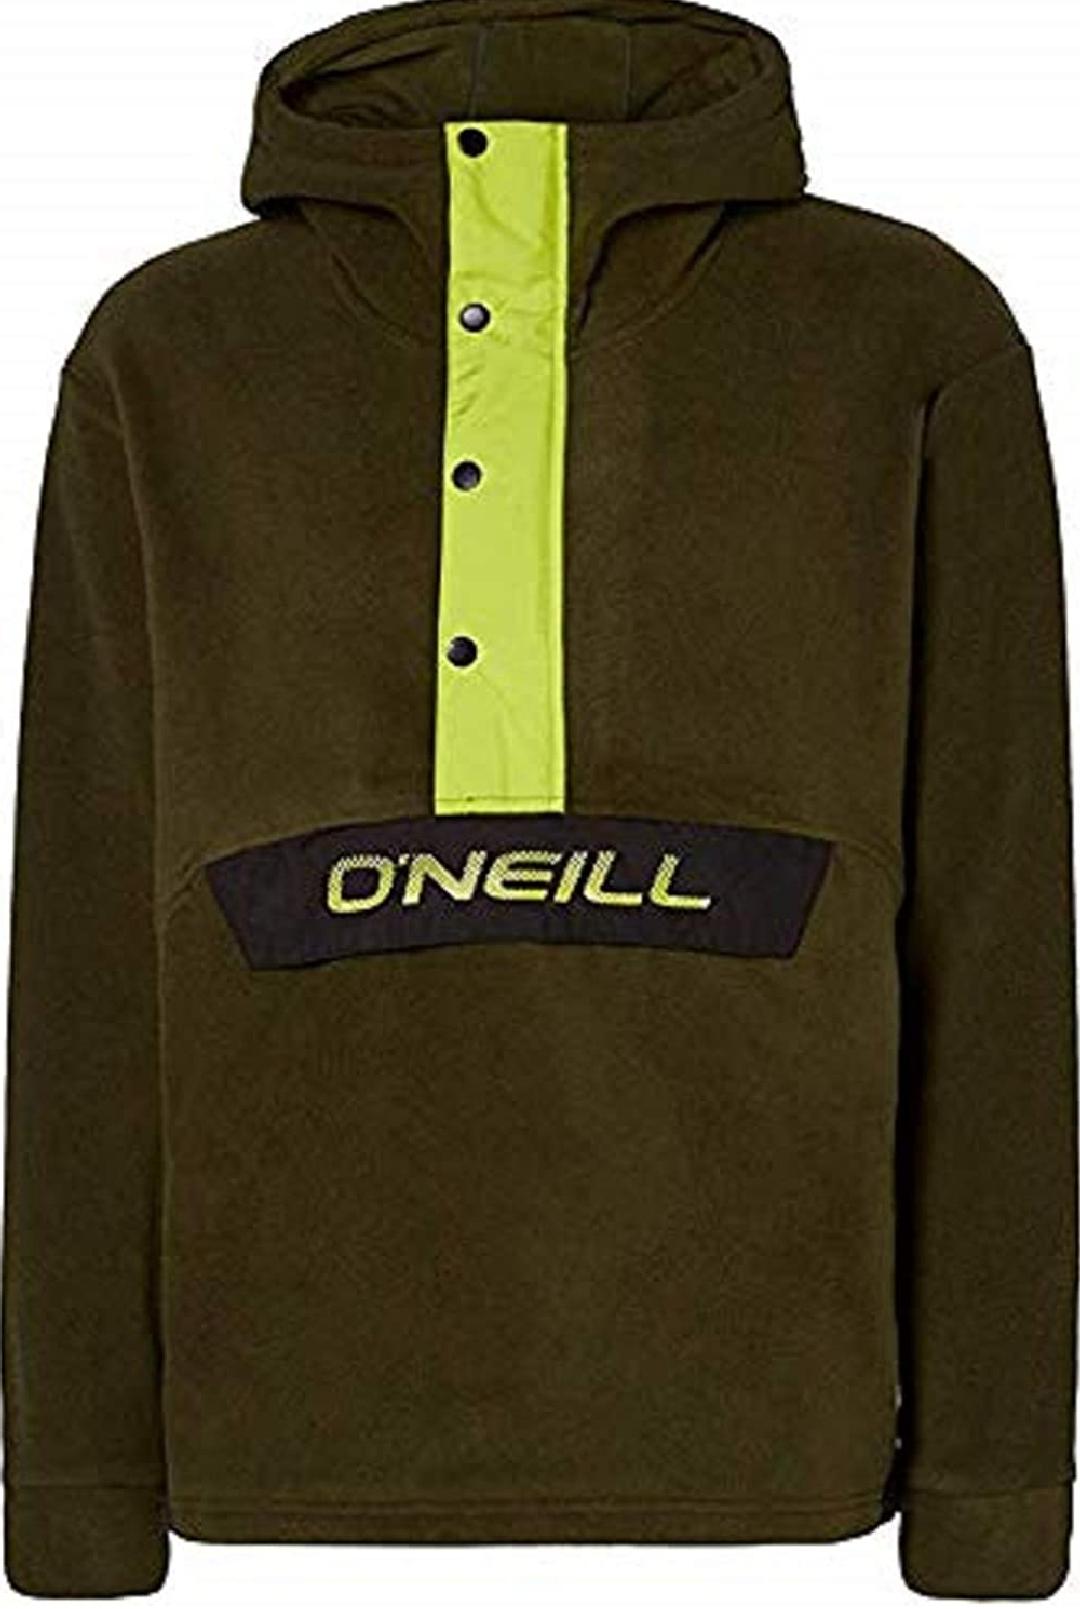 Forro polar con capucha O'Neill talla S